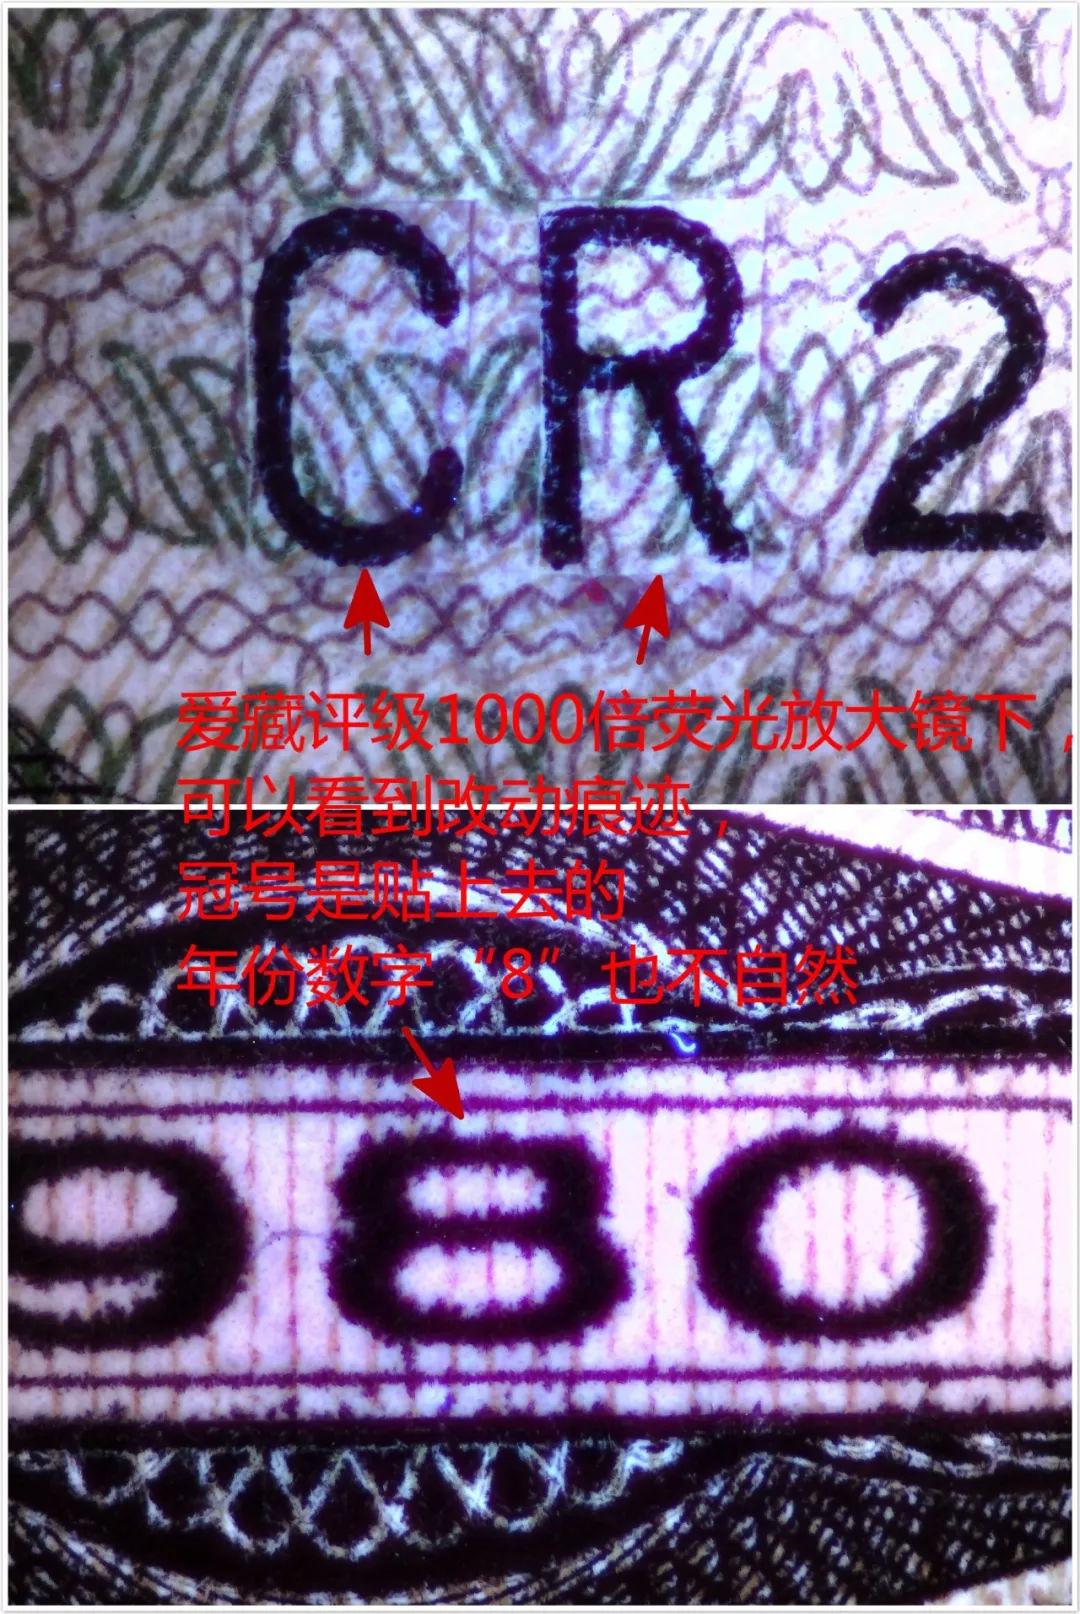 91c6b57b9f5146c3b6682d52f8dec508.jpg